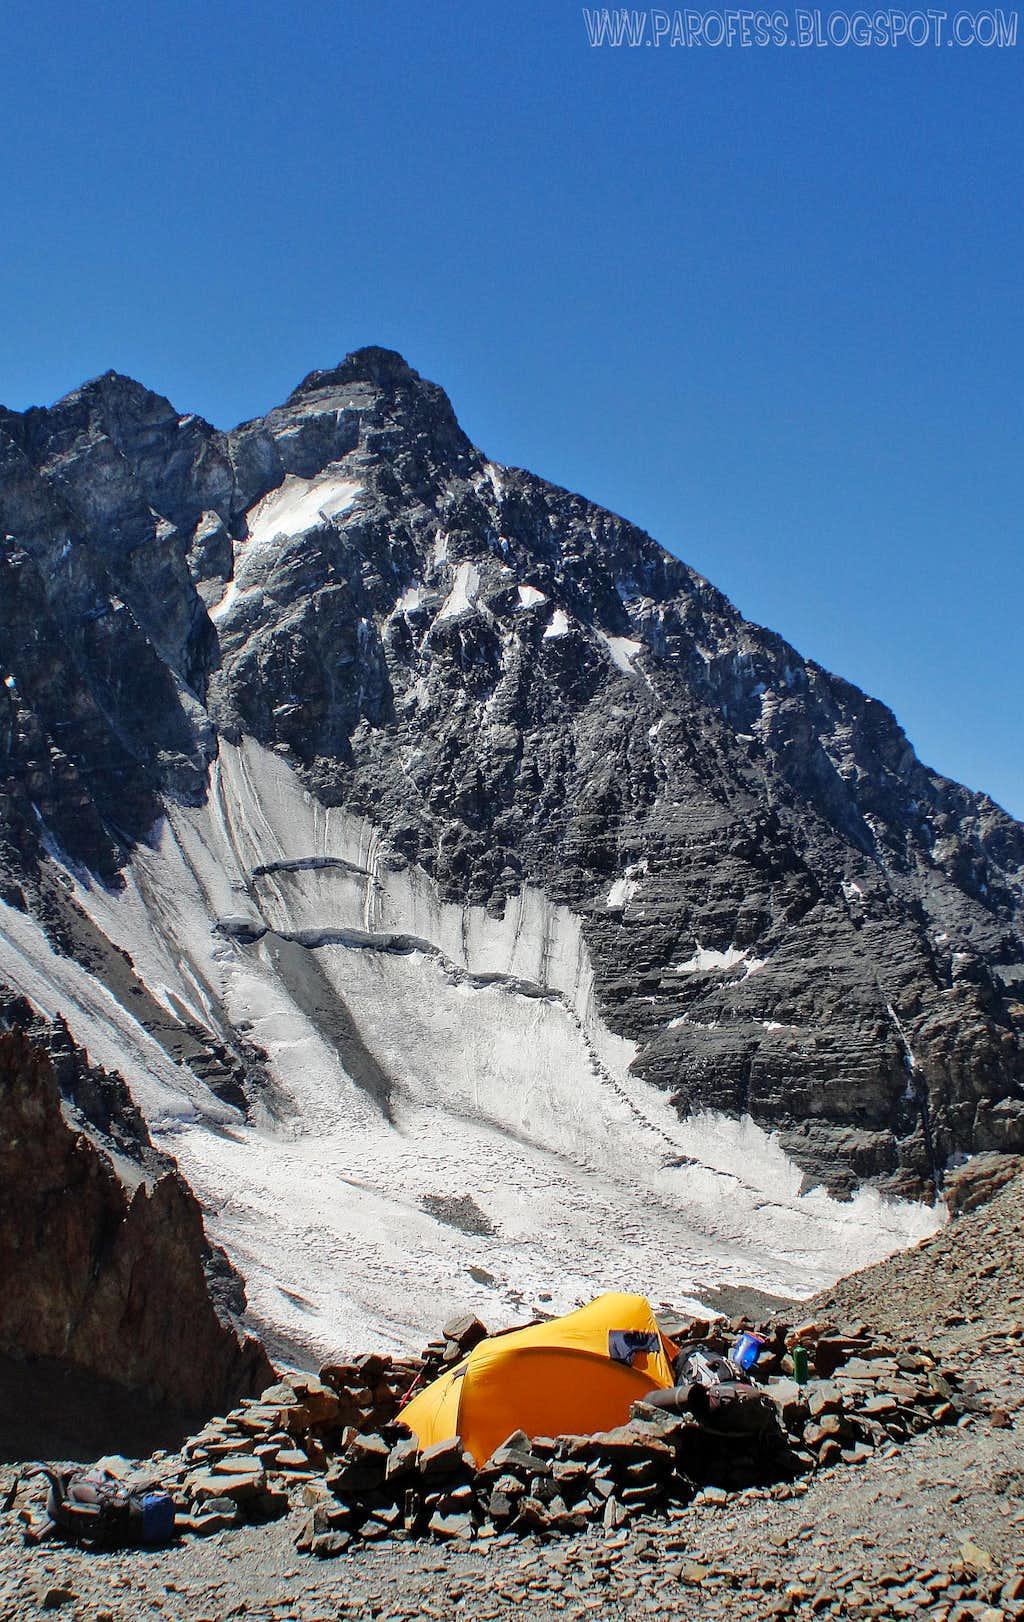 Rincon and its glacier from my camp at La Hoyada, 4670m